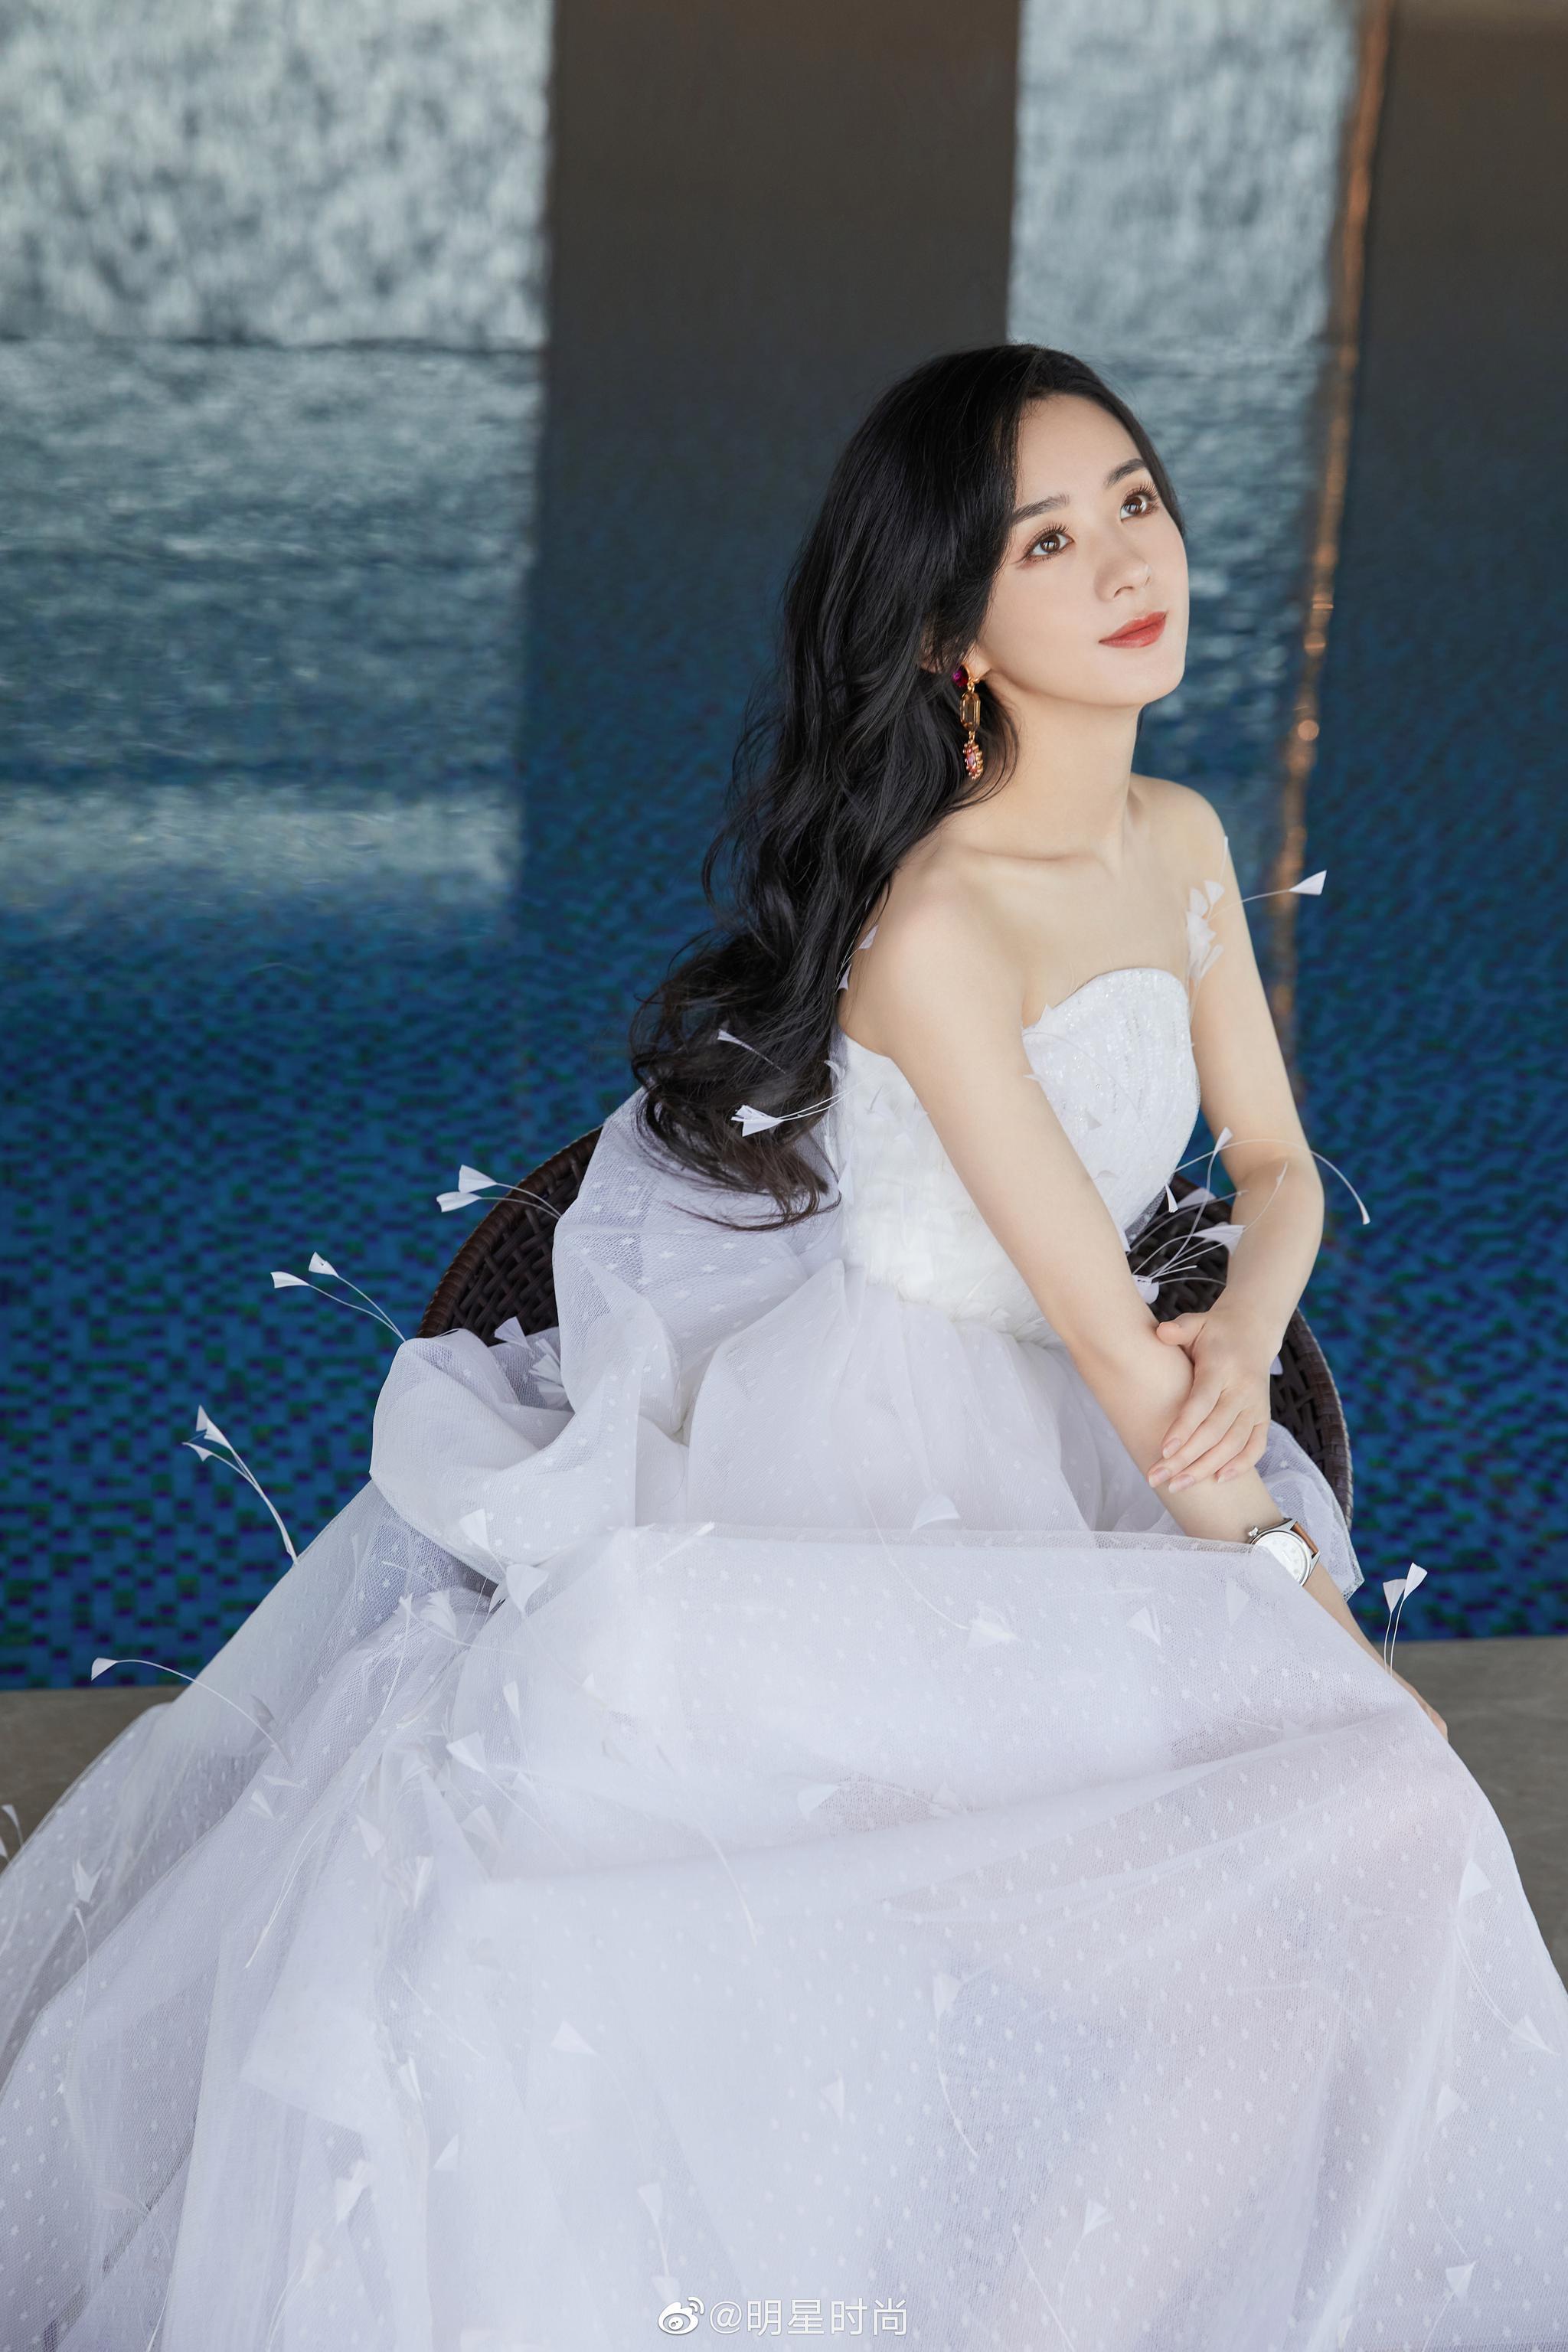 赵丽颖今日份造型,一袭纯白羽翼尾摆长裙温柔又浪漫……